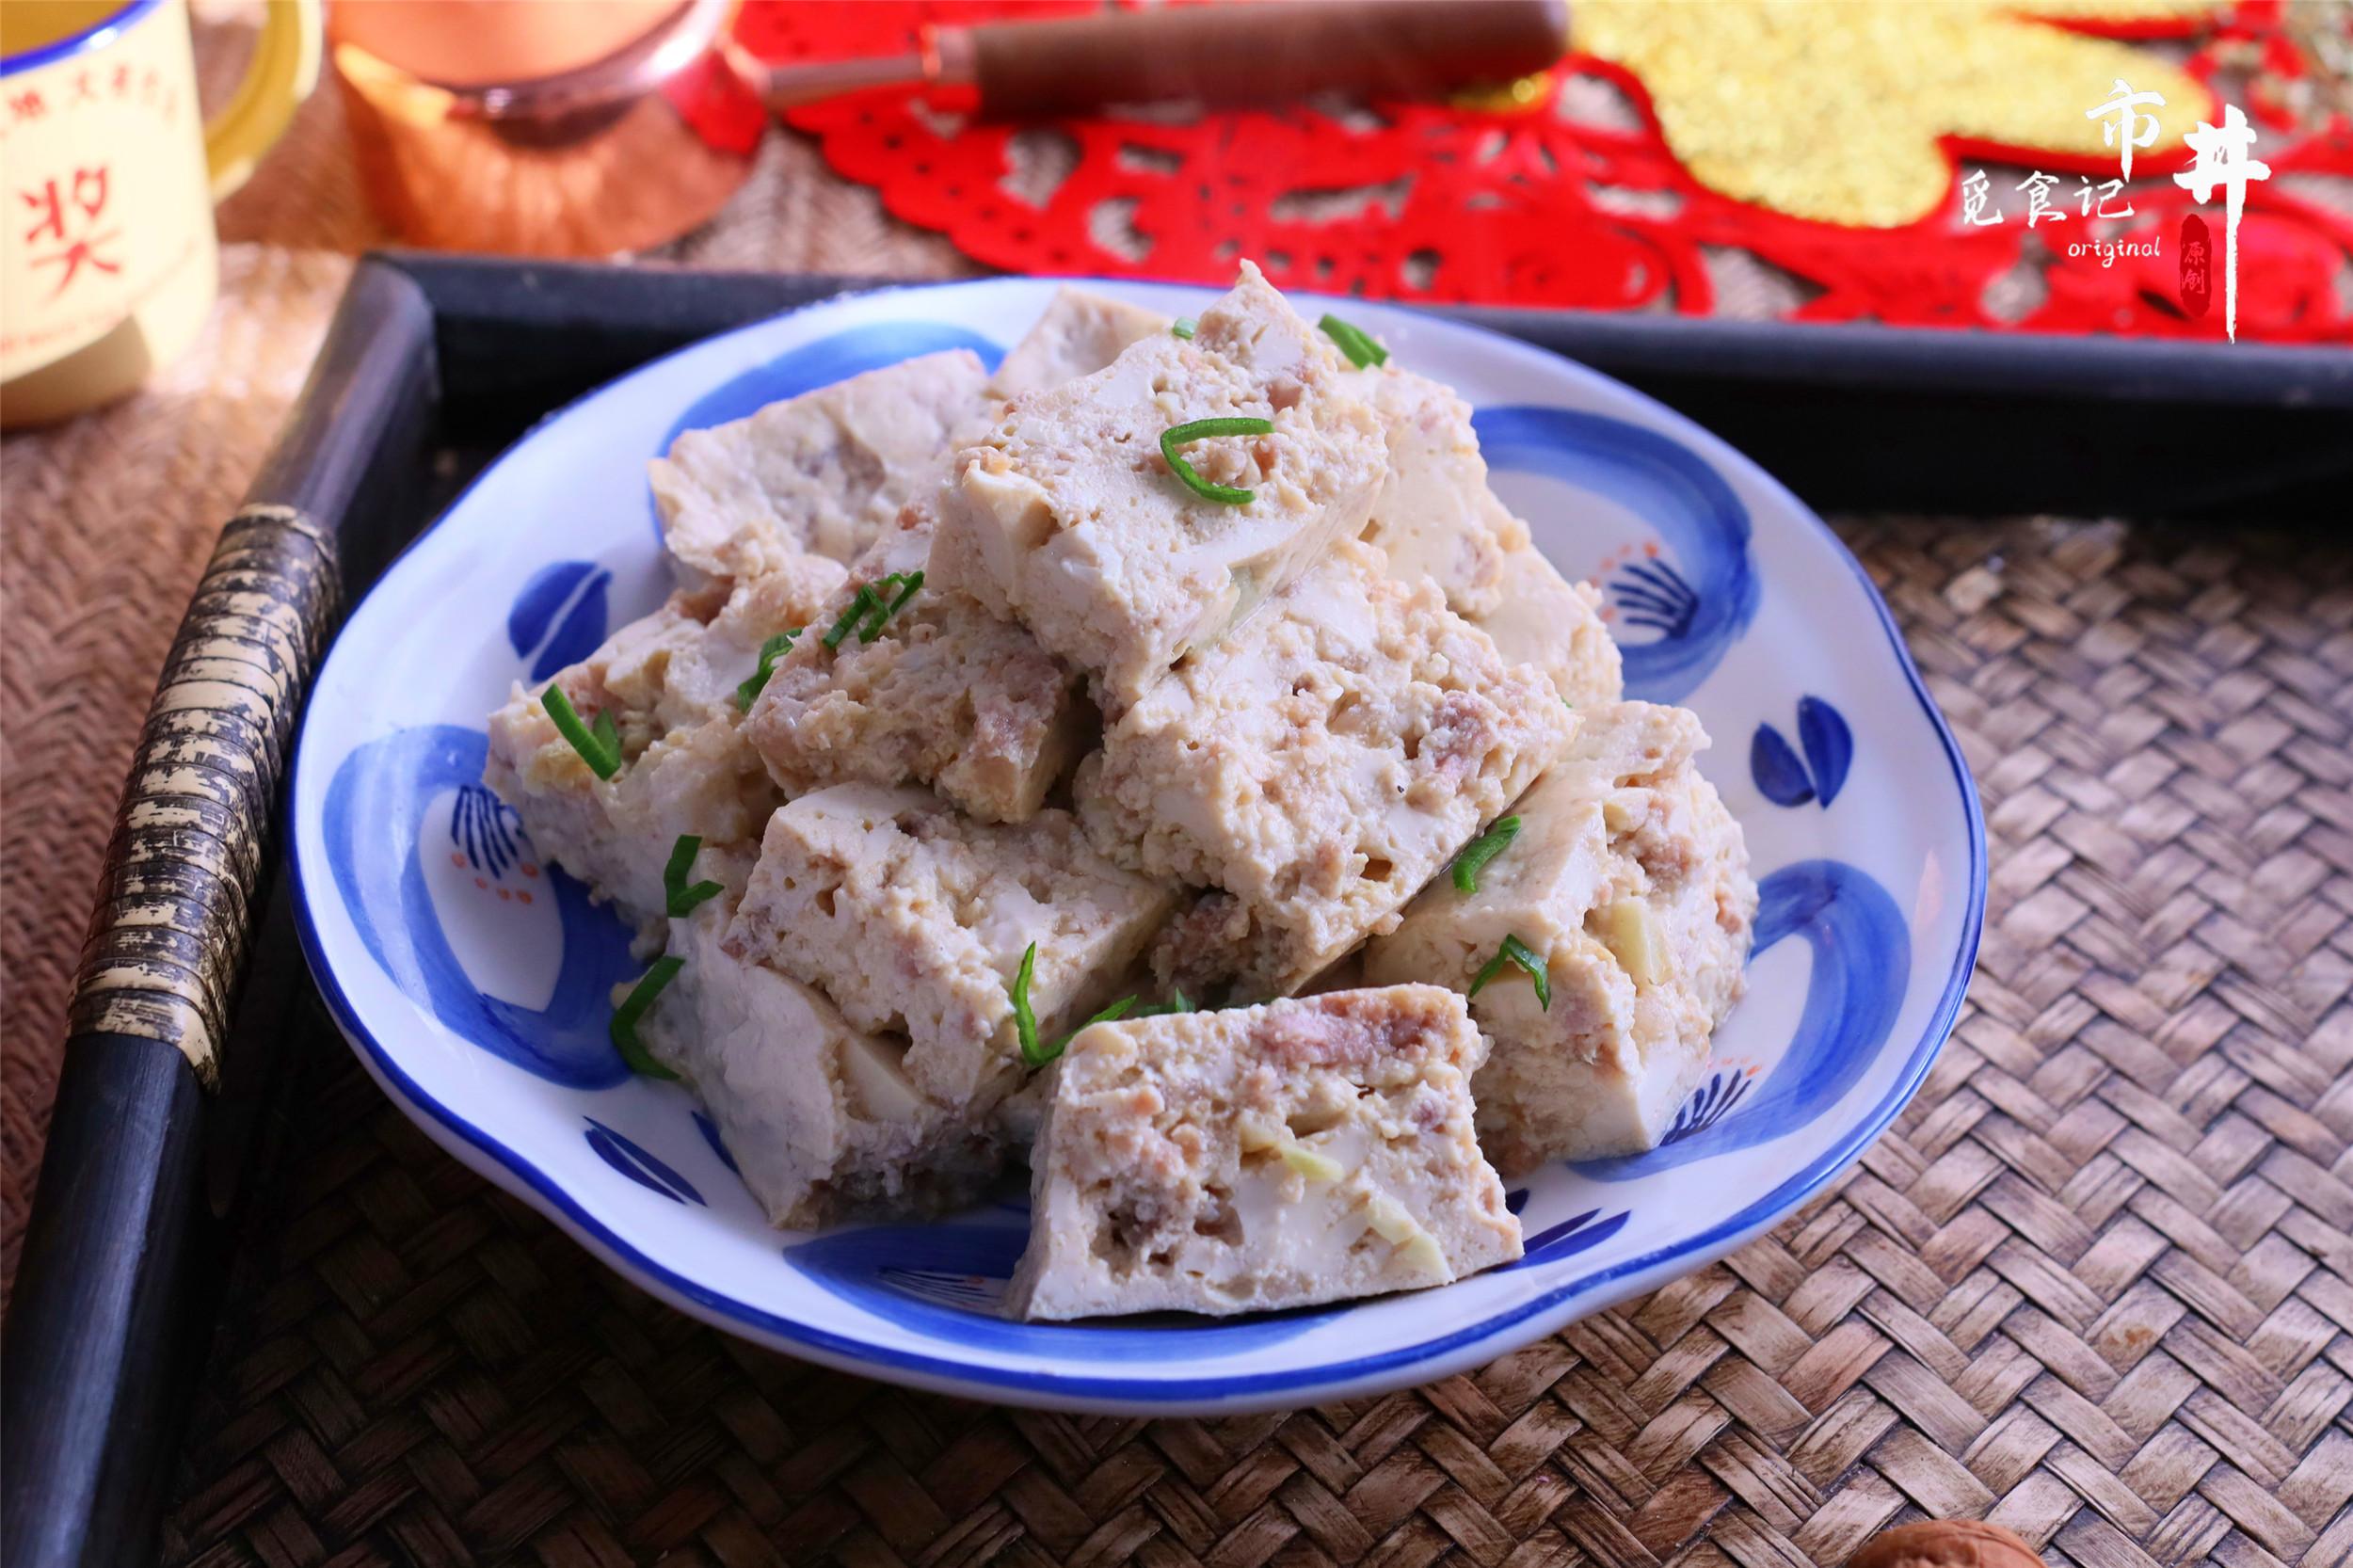 年夜飯有好菜了,豆腐捏碎蒸一蒸,特有味,好吃還簡單省事